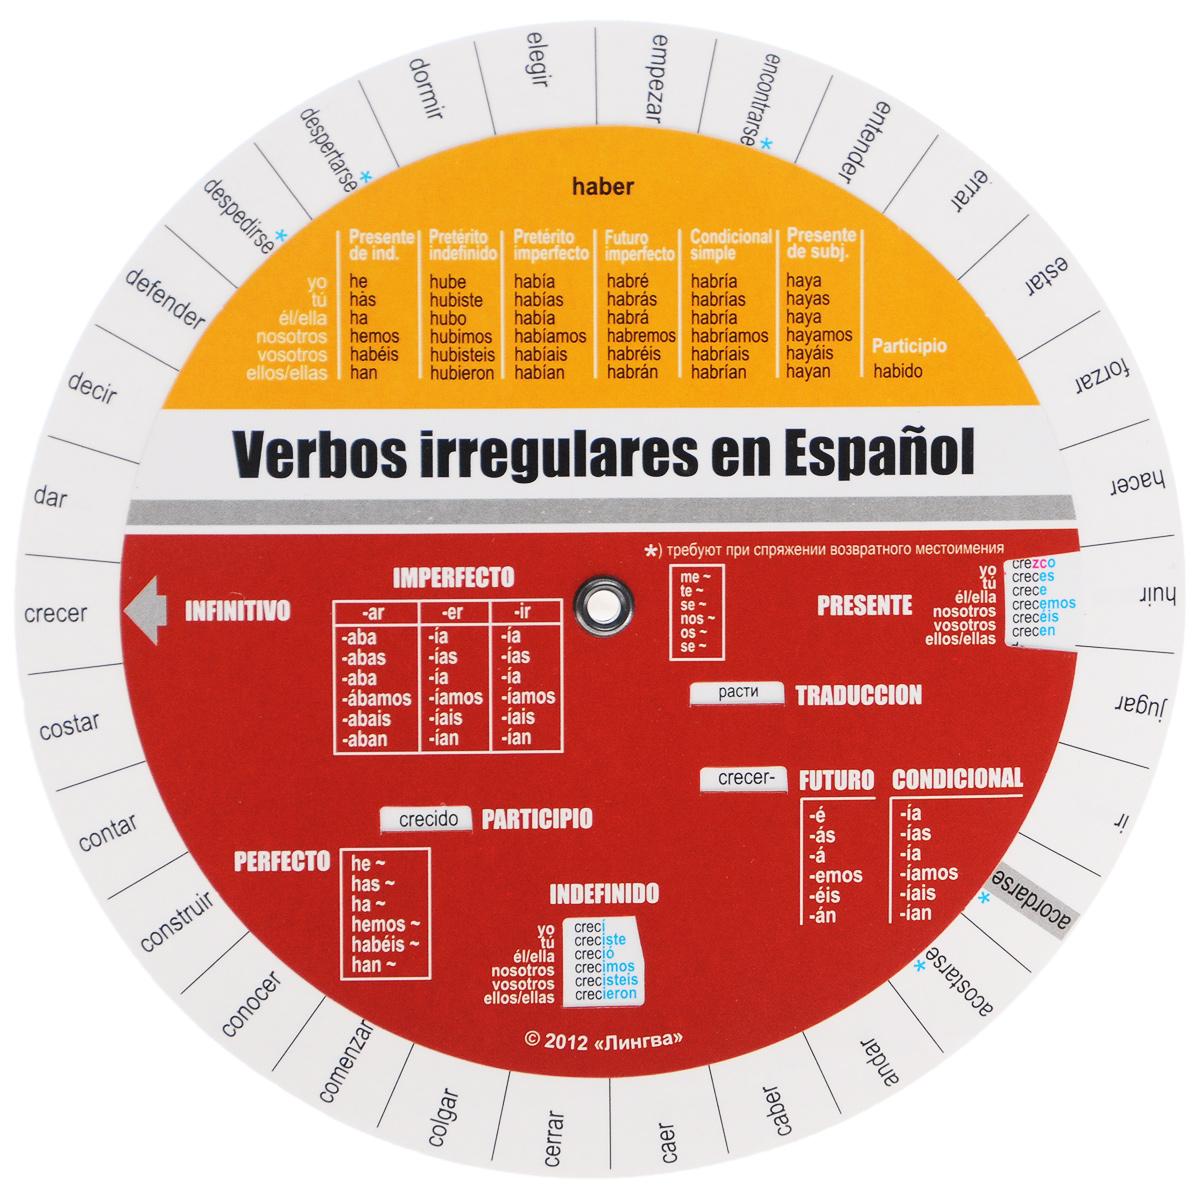 Verbos irregulars en Espanol / Испанские неправильные глаголы. Таблица французские неправильные глаголы таблица вертушка